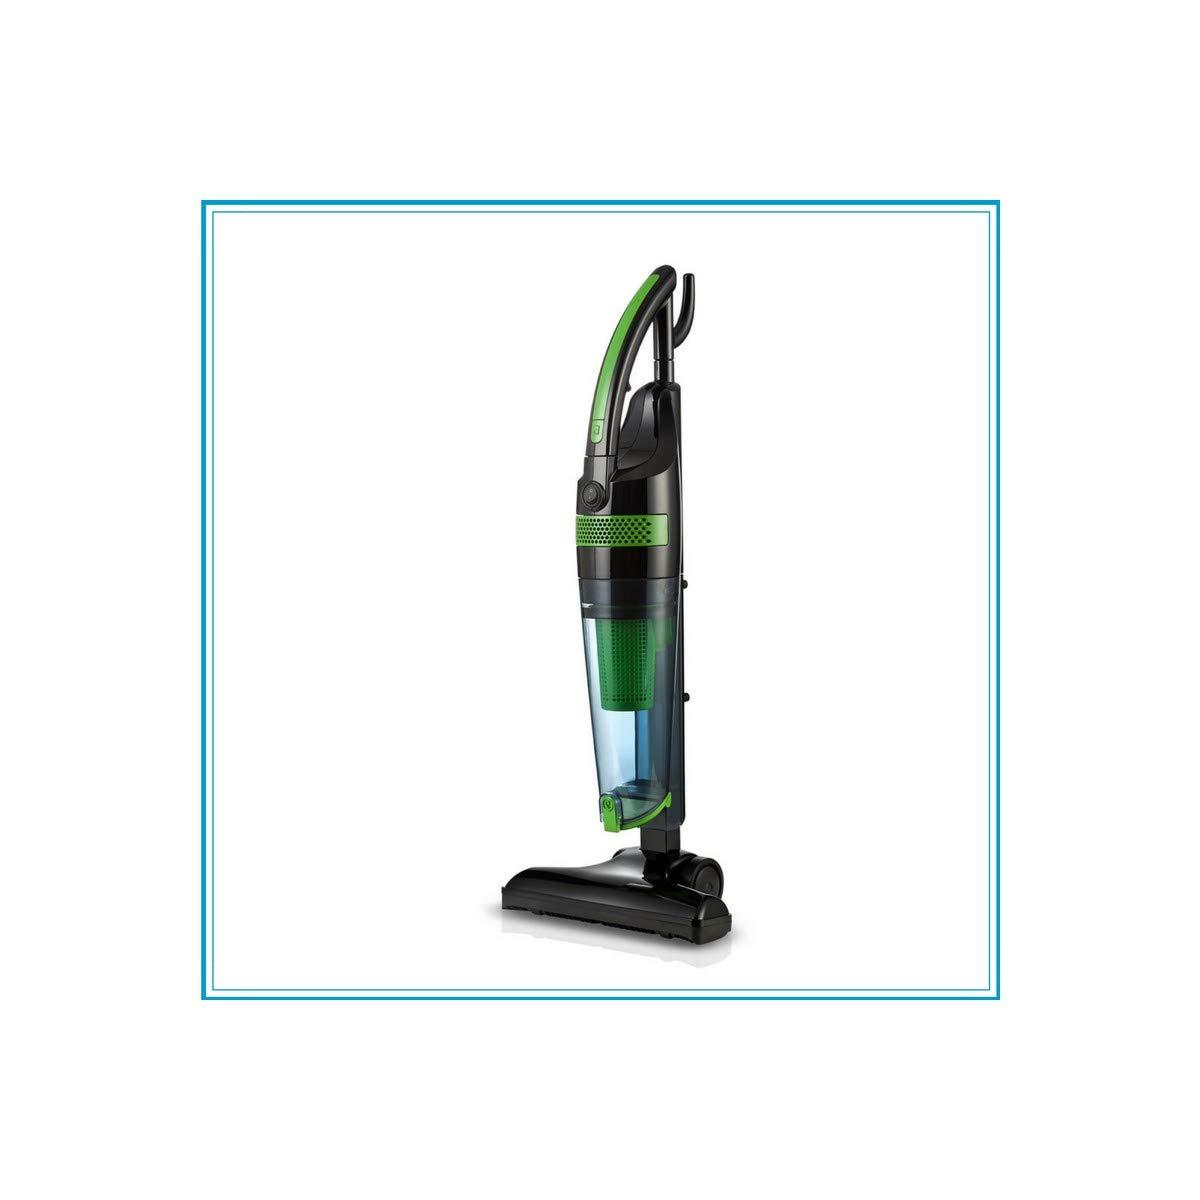 Acquisto PYRAMIDEA SCE1020 Scopa elettrica 2 in 1 Senza Sacchetto-Classe A (ERP), 1000 W, Plastica, Nero/Verde Prezzo offerta